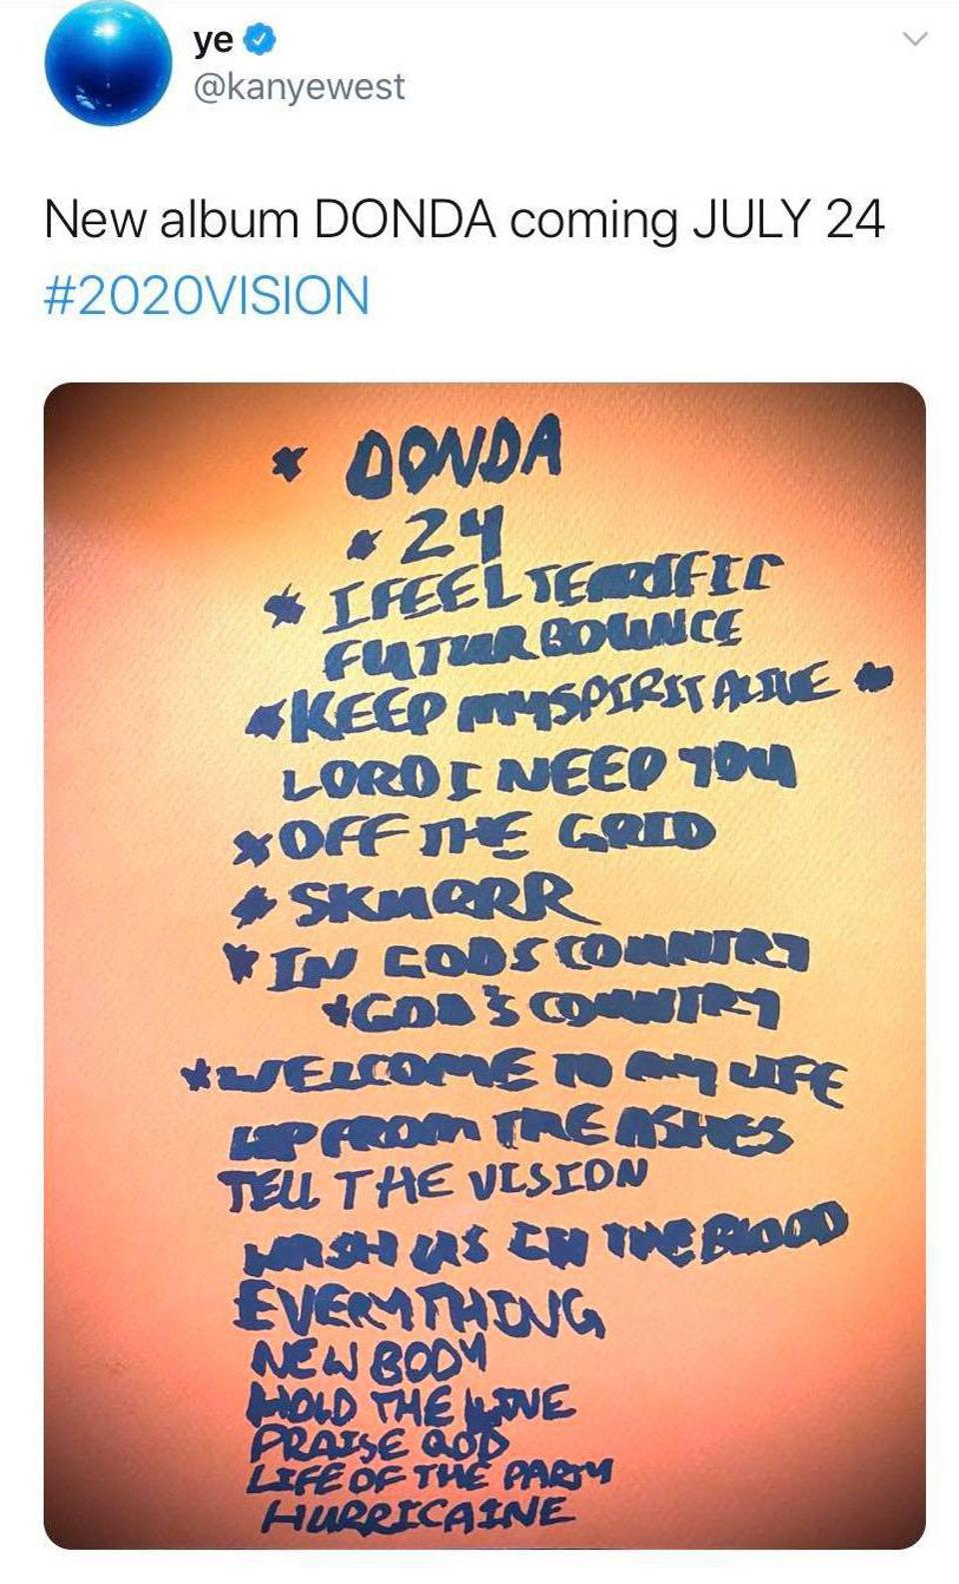 Kanye West Donda tracklist